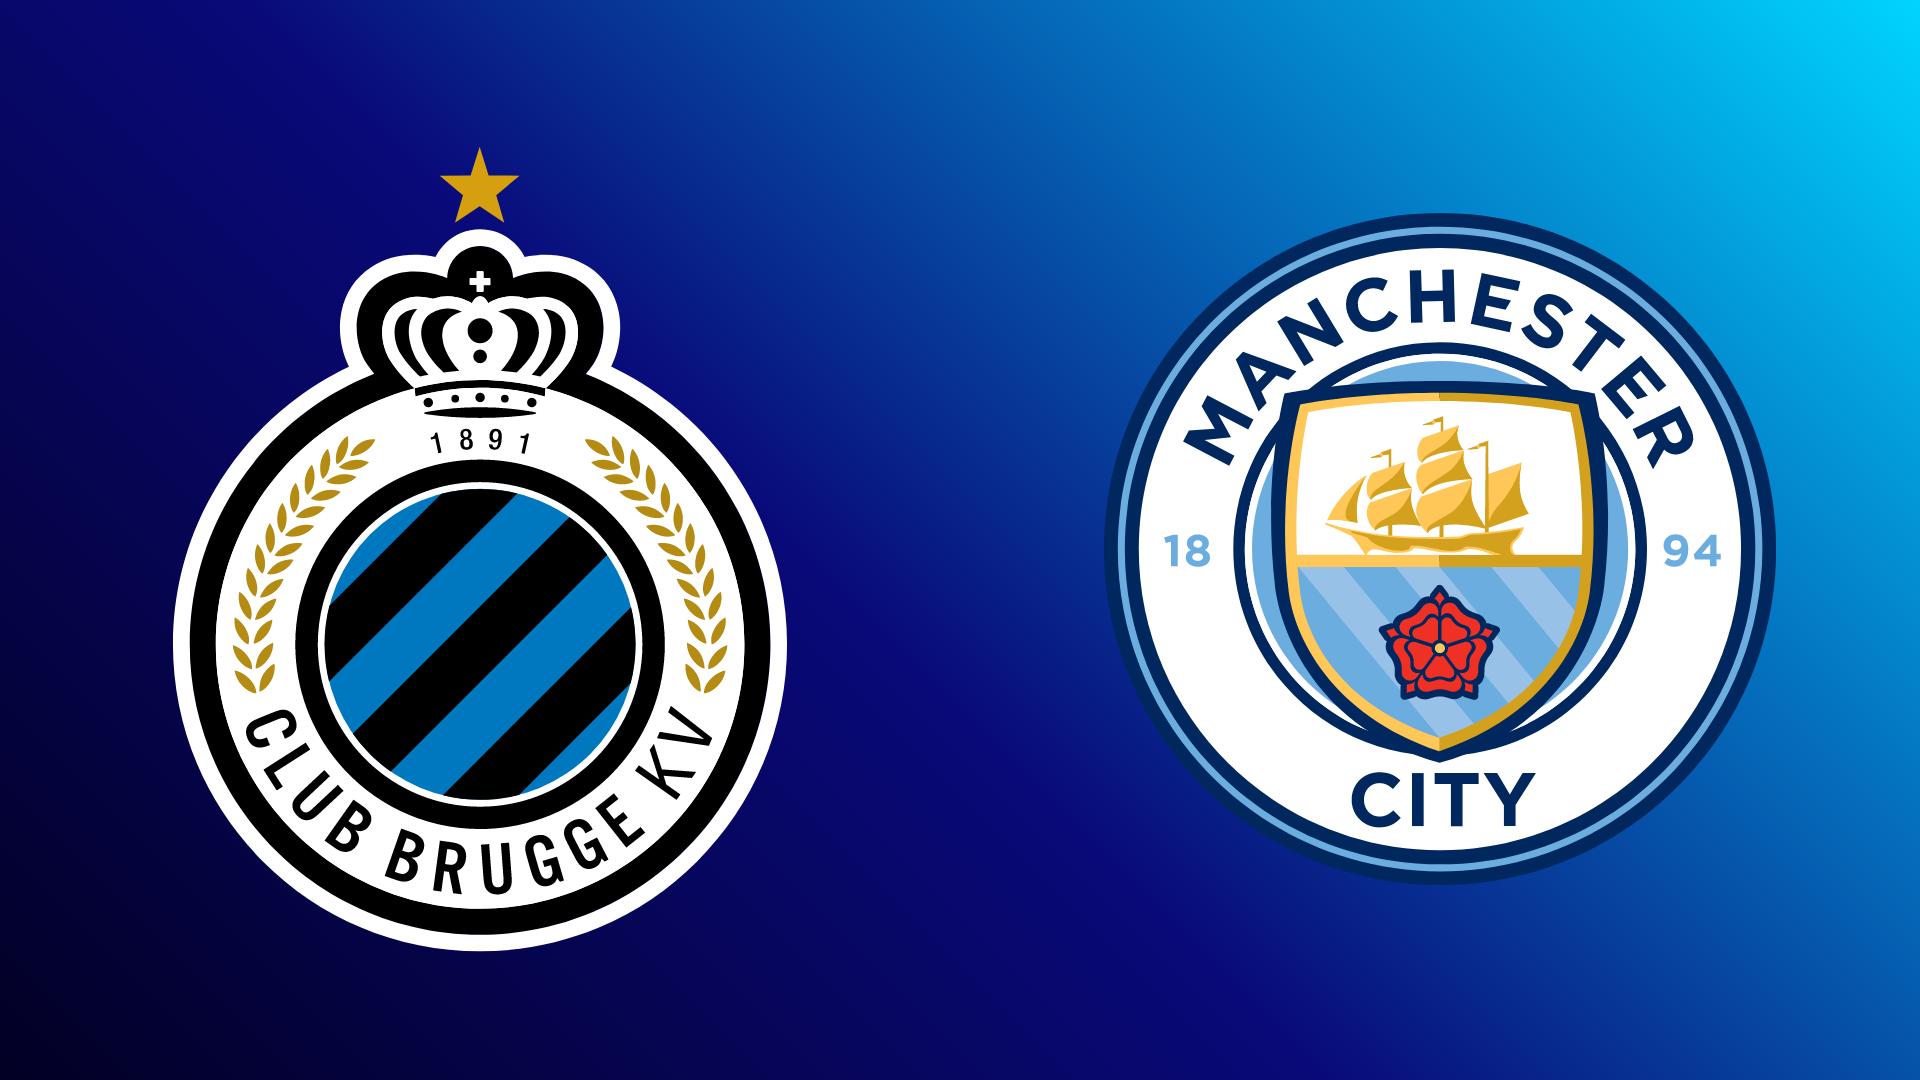 FC Brügge - Man City 19.10.2021 um 18:45 Uhr auf DAZN